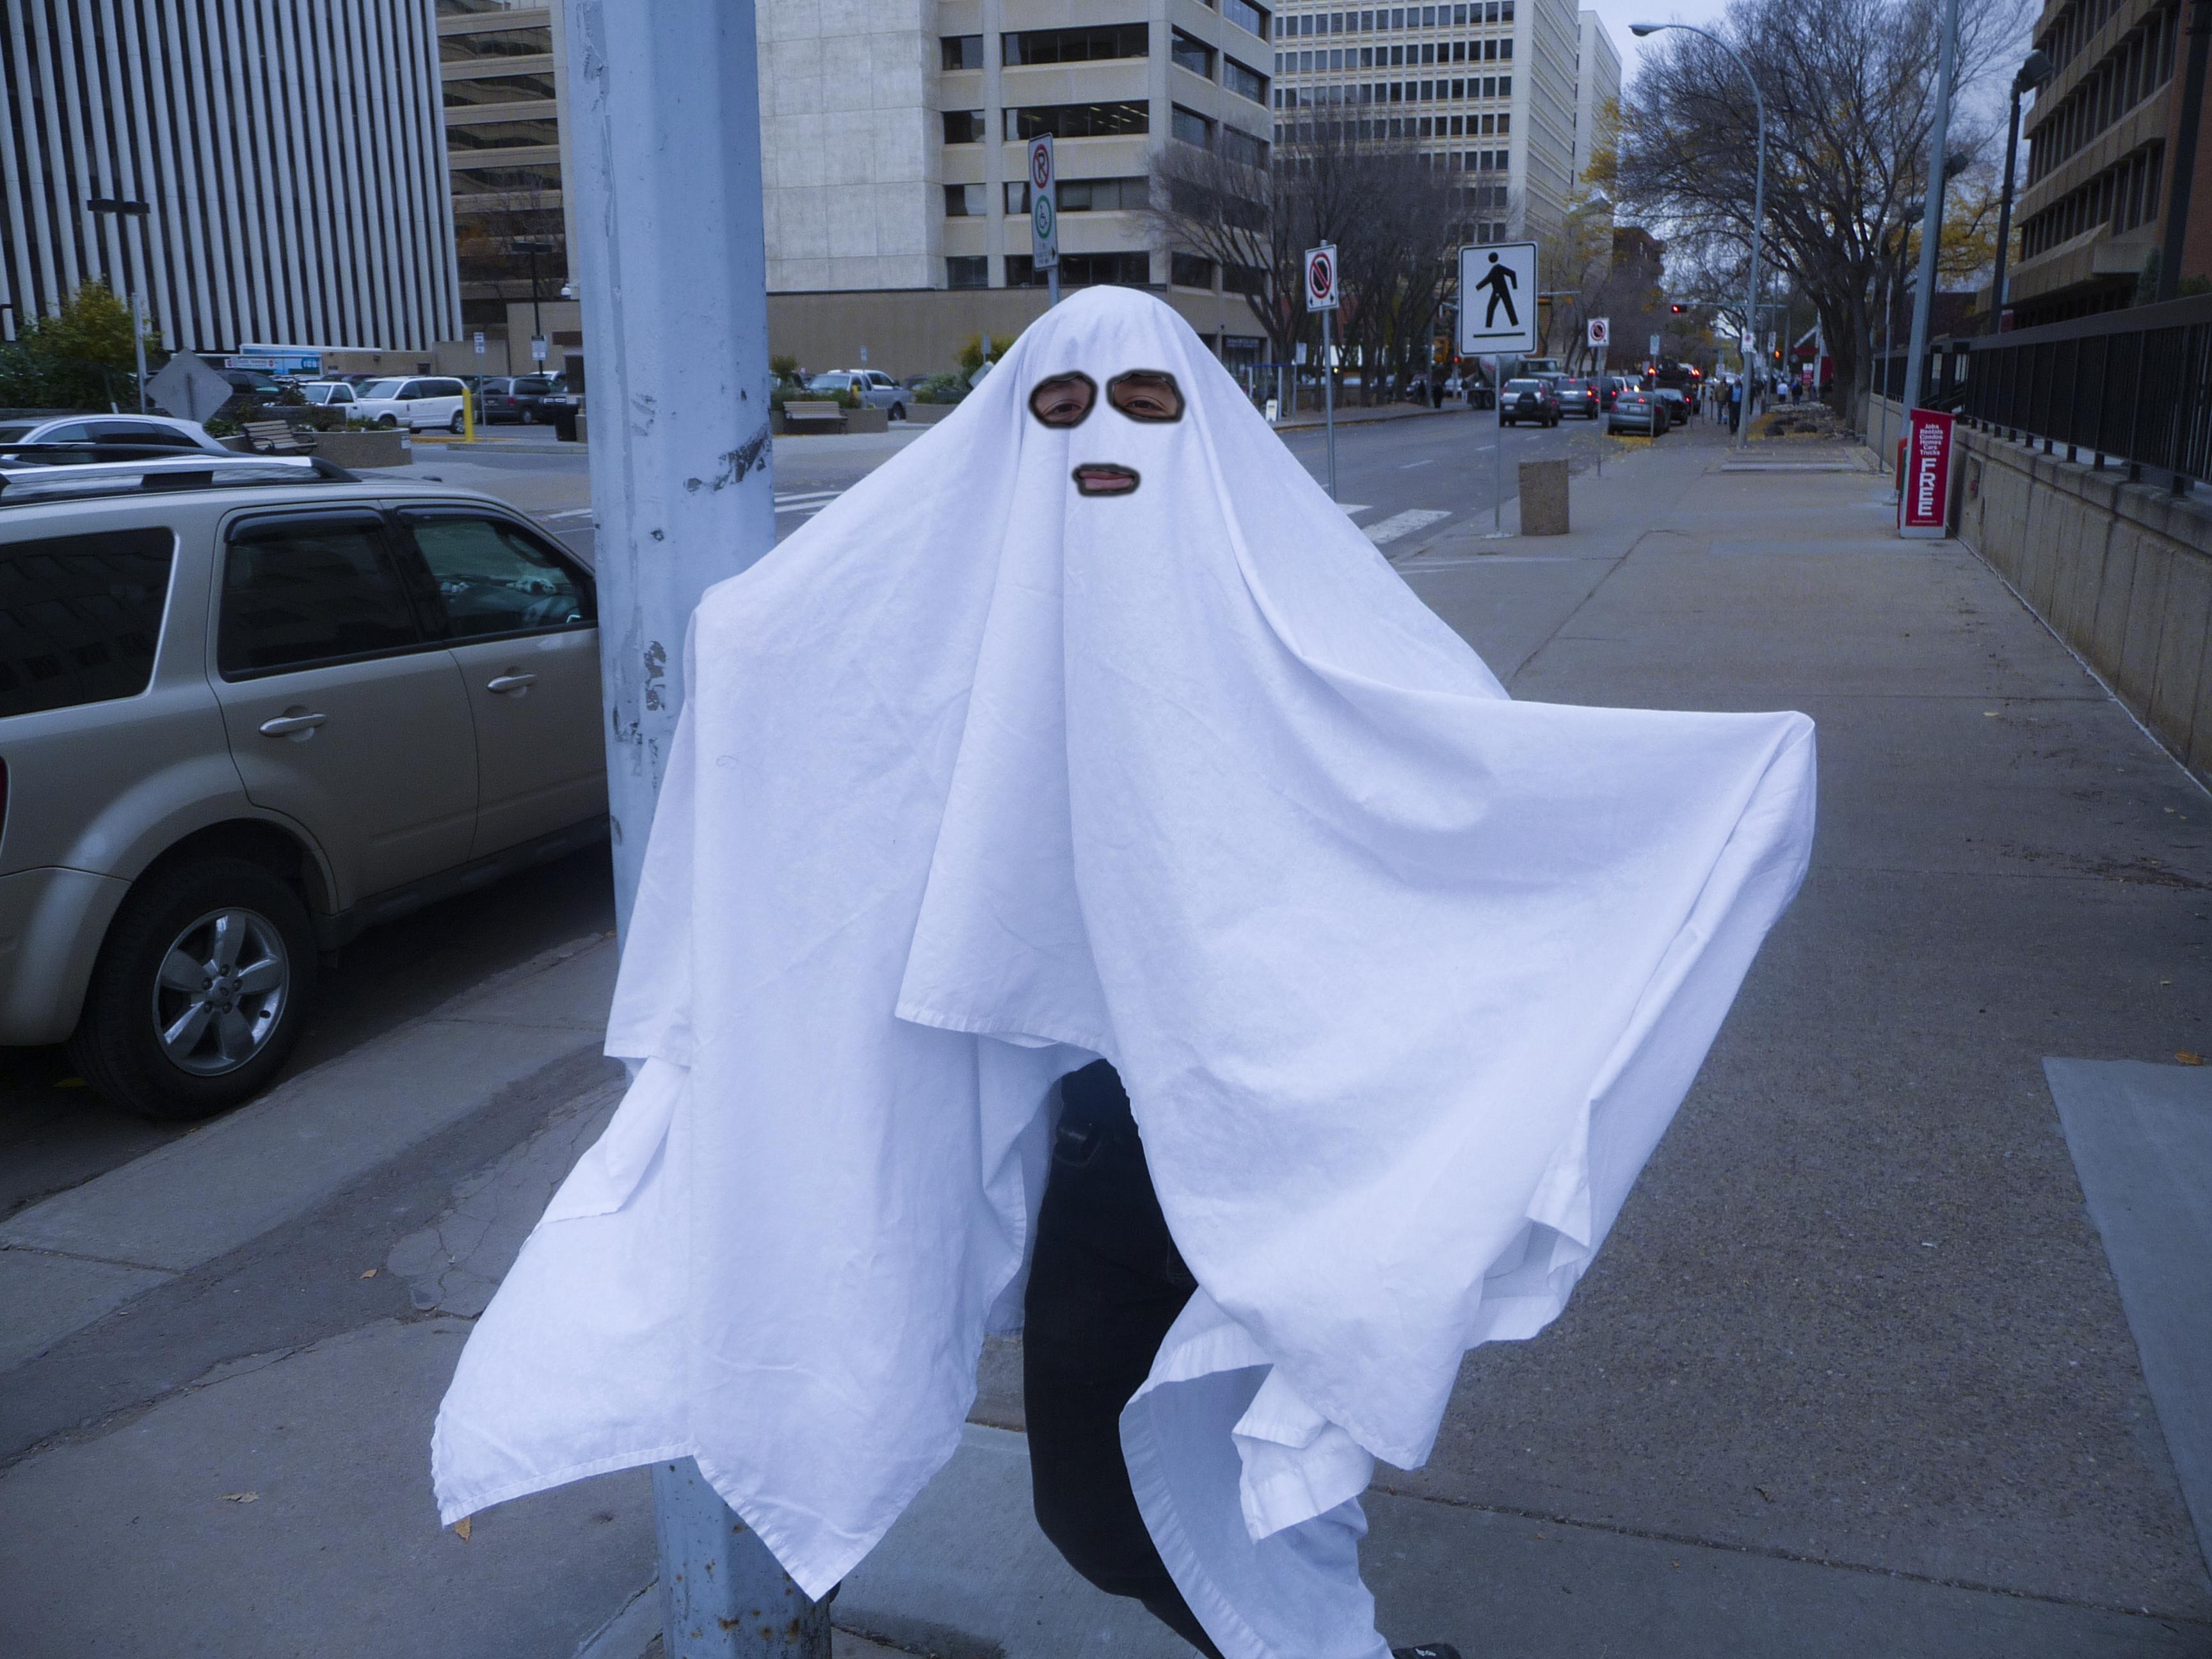 Casper the Friendly Safety Ghost | Work Smart. Work Safe.